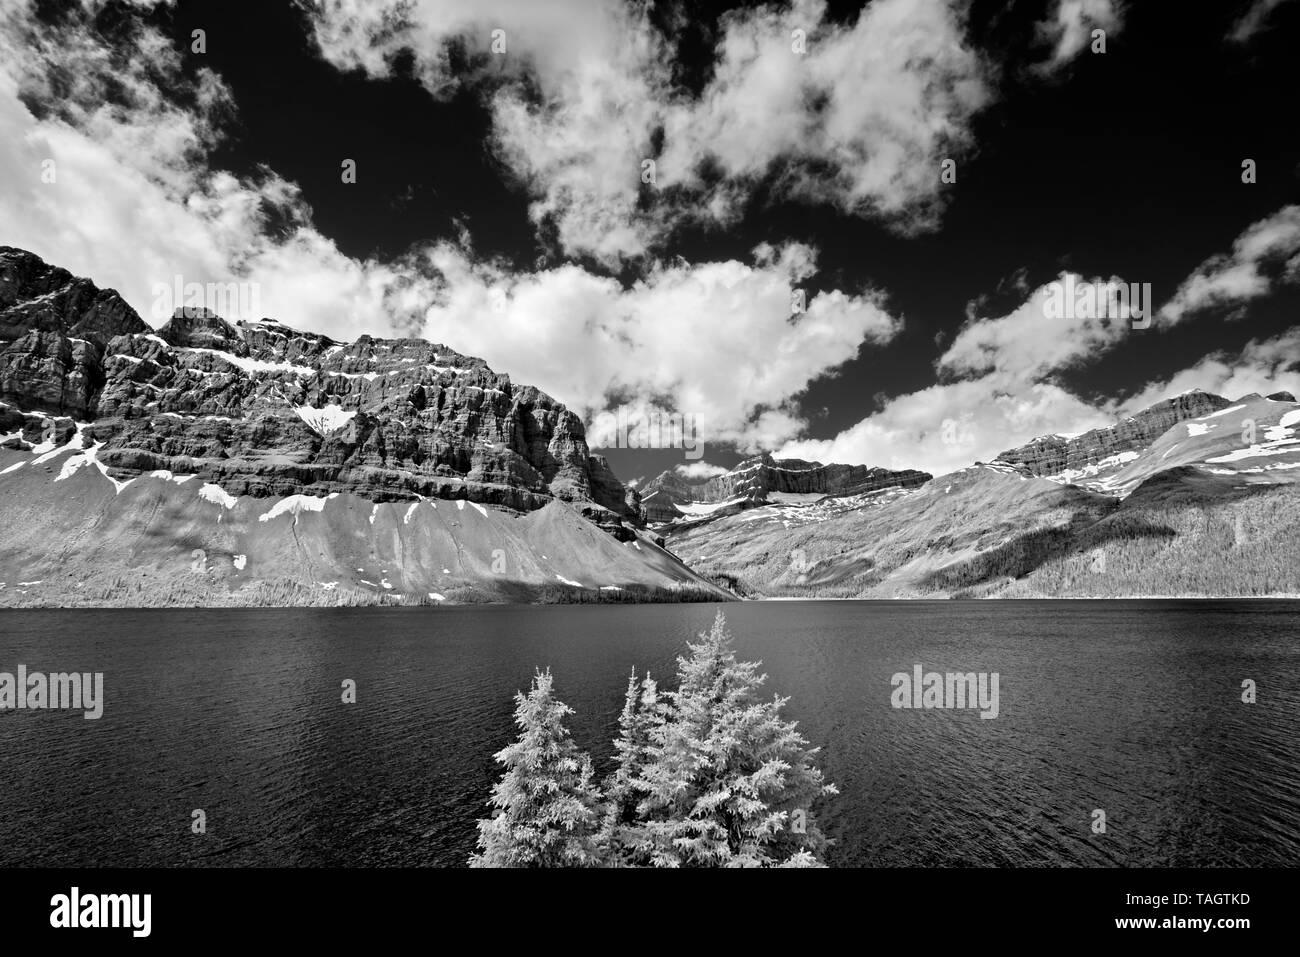 El Lago Bow y las Montañas Rocosas Canadienses Parque Nacional Banff Alberta Canada Foto de stock